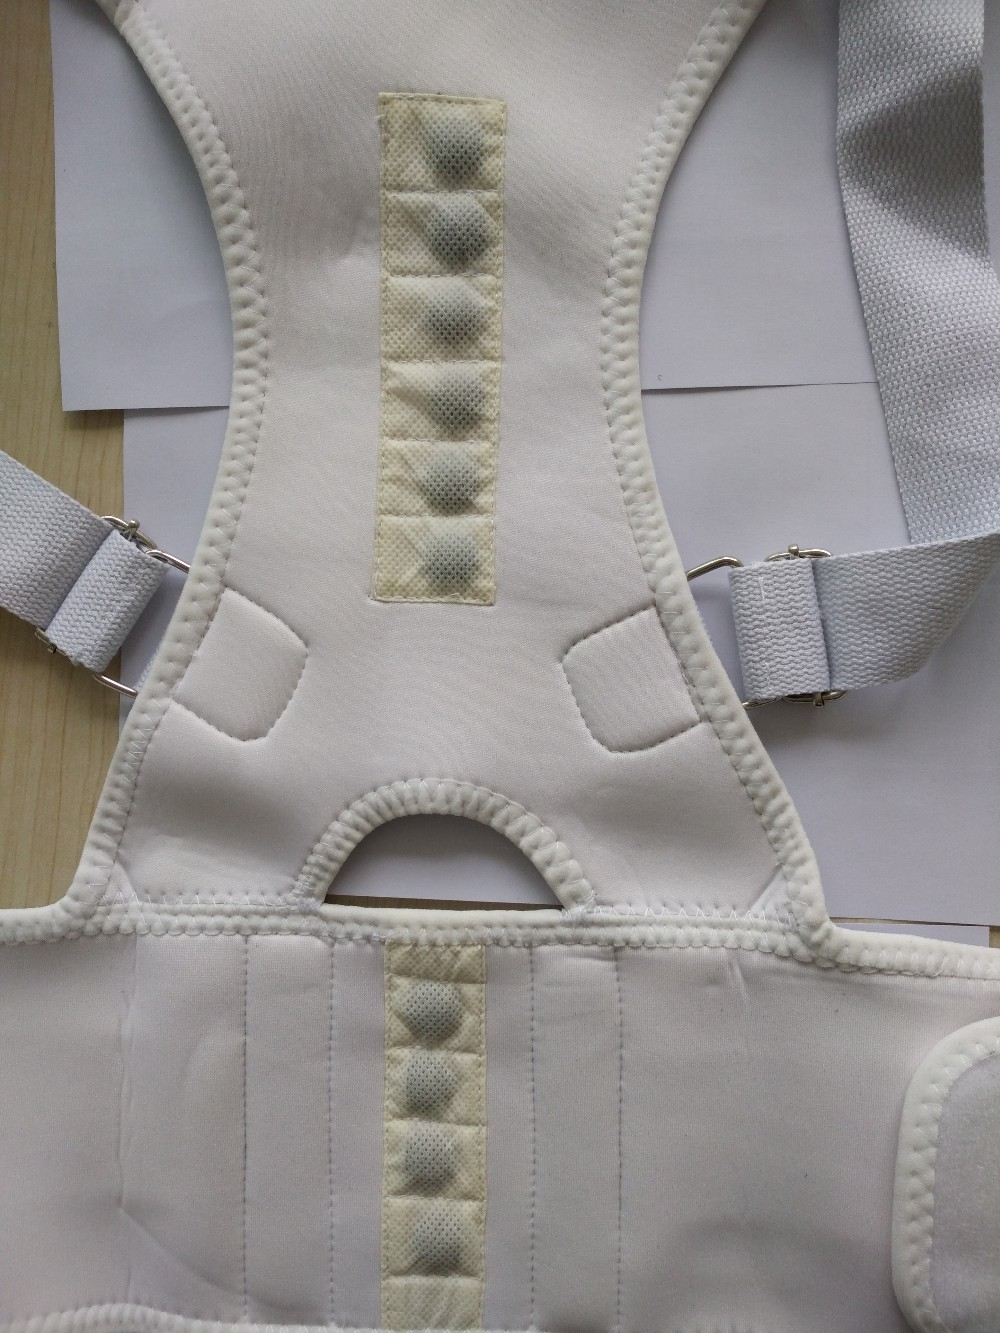 posture brace magnetic support belt (11)